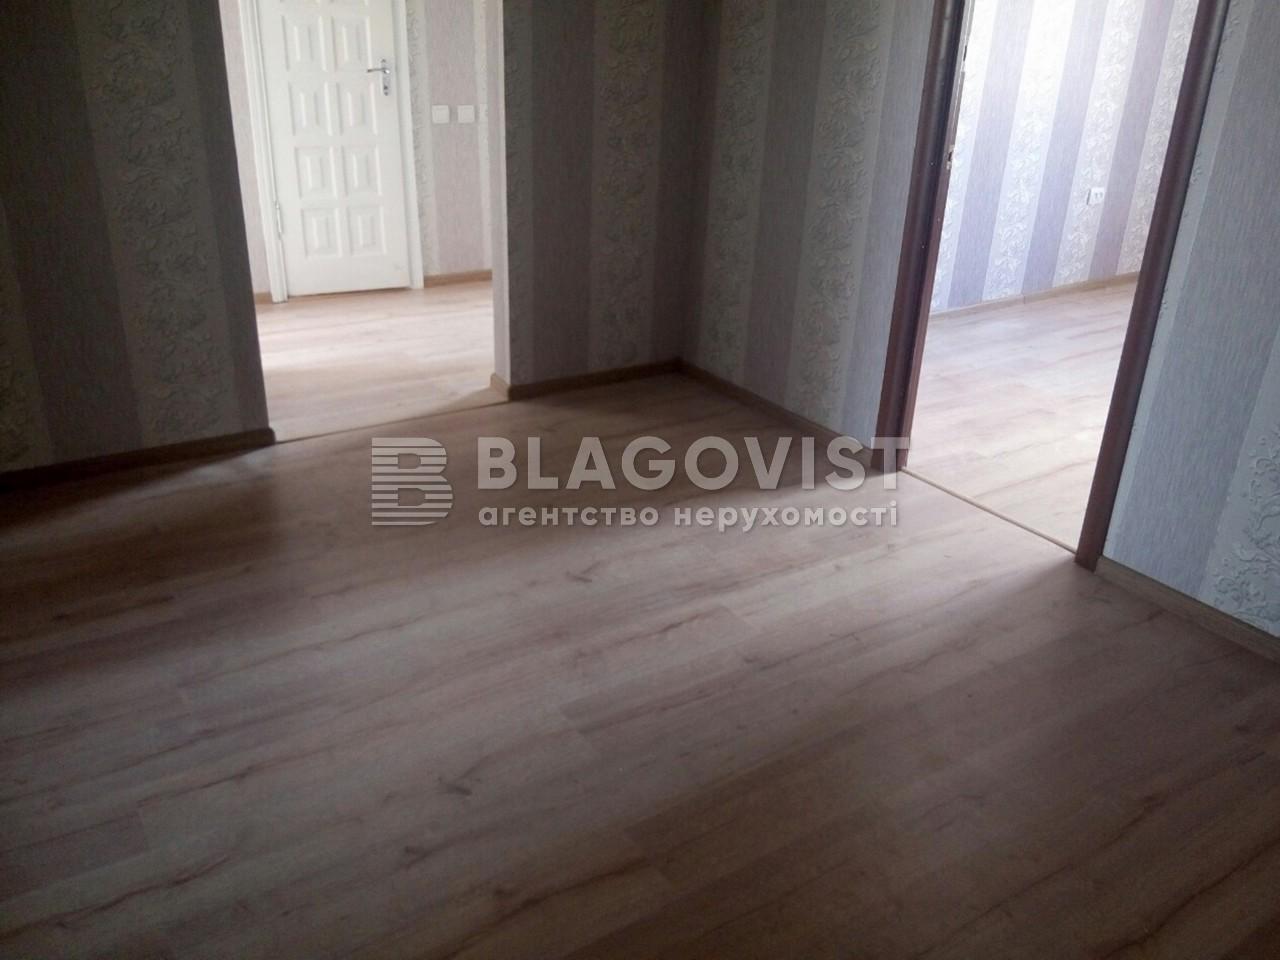 Квартира F-36654, Срибнокильская, 16, Киев - Фото 8